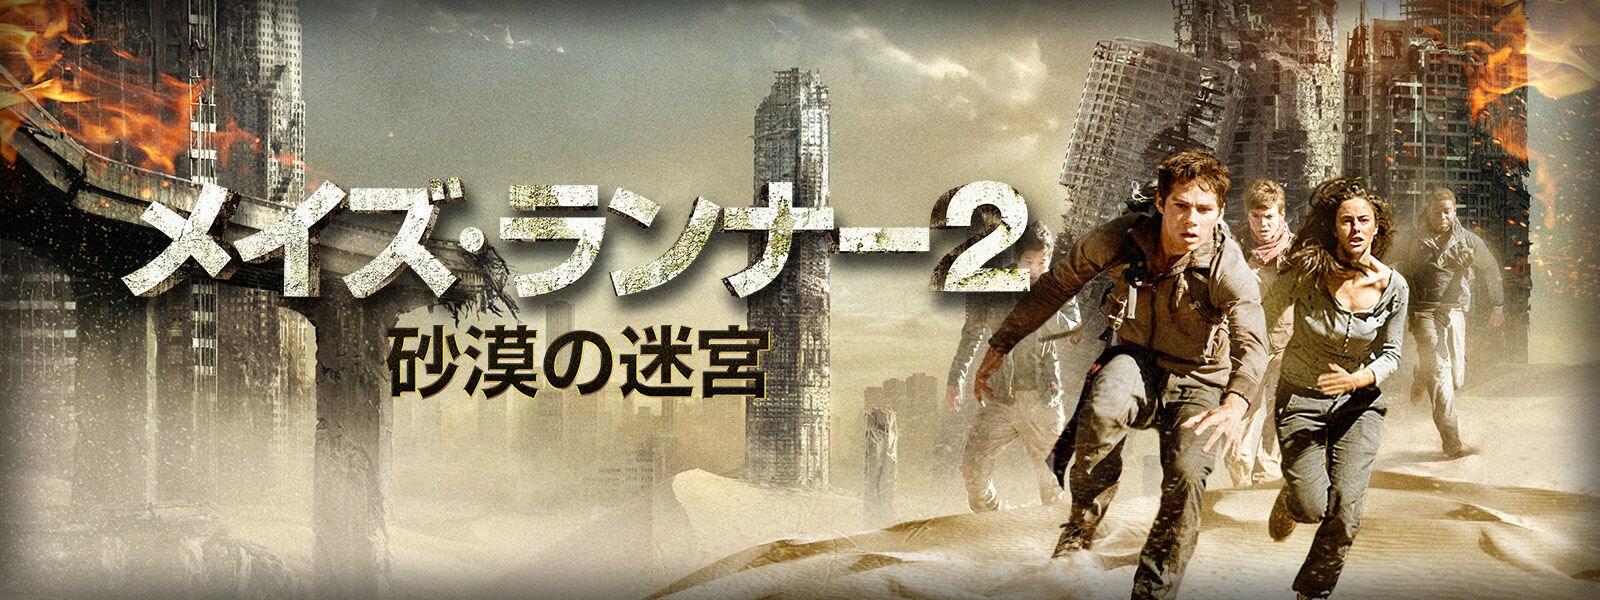 メイズ・ランナー2:砂漠の迷宮 Maze Runner: The Scorch Trials Hero